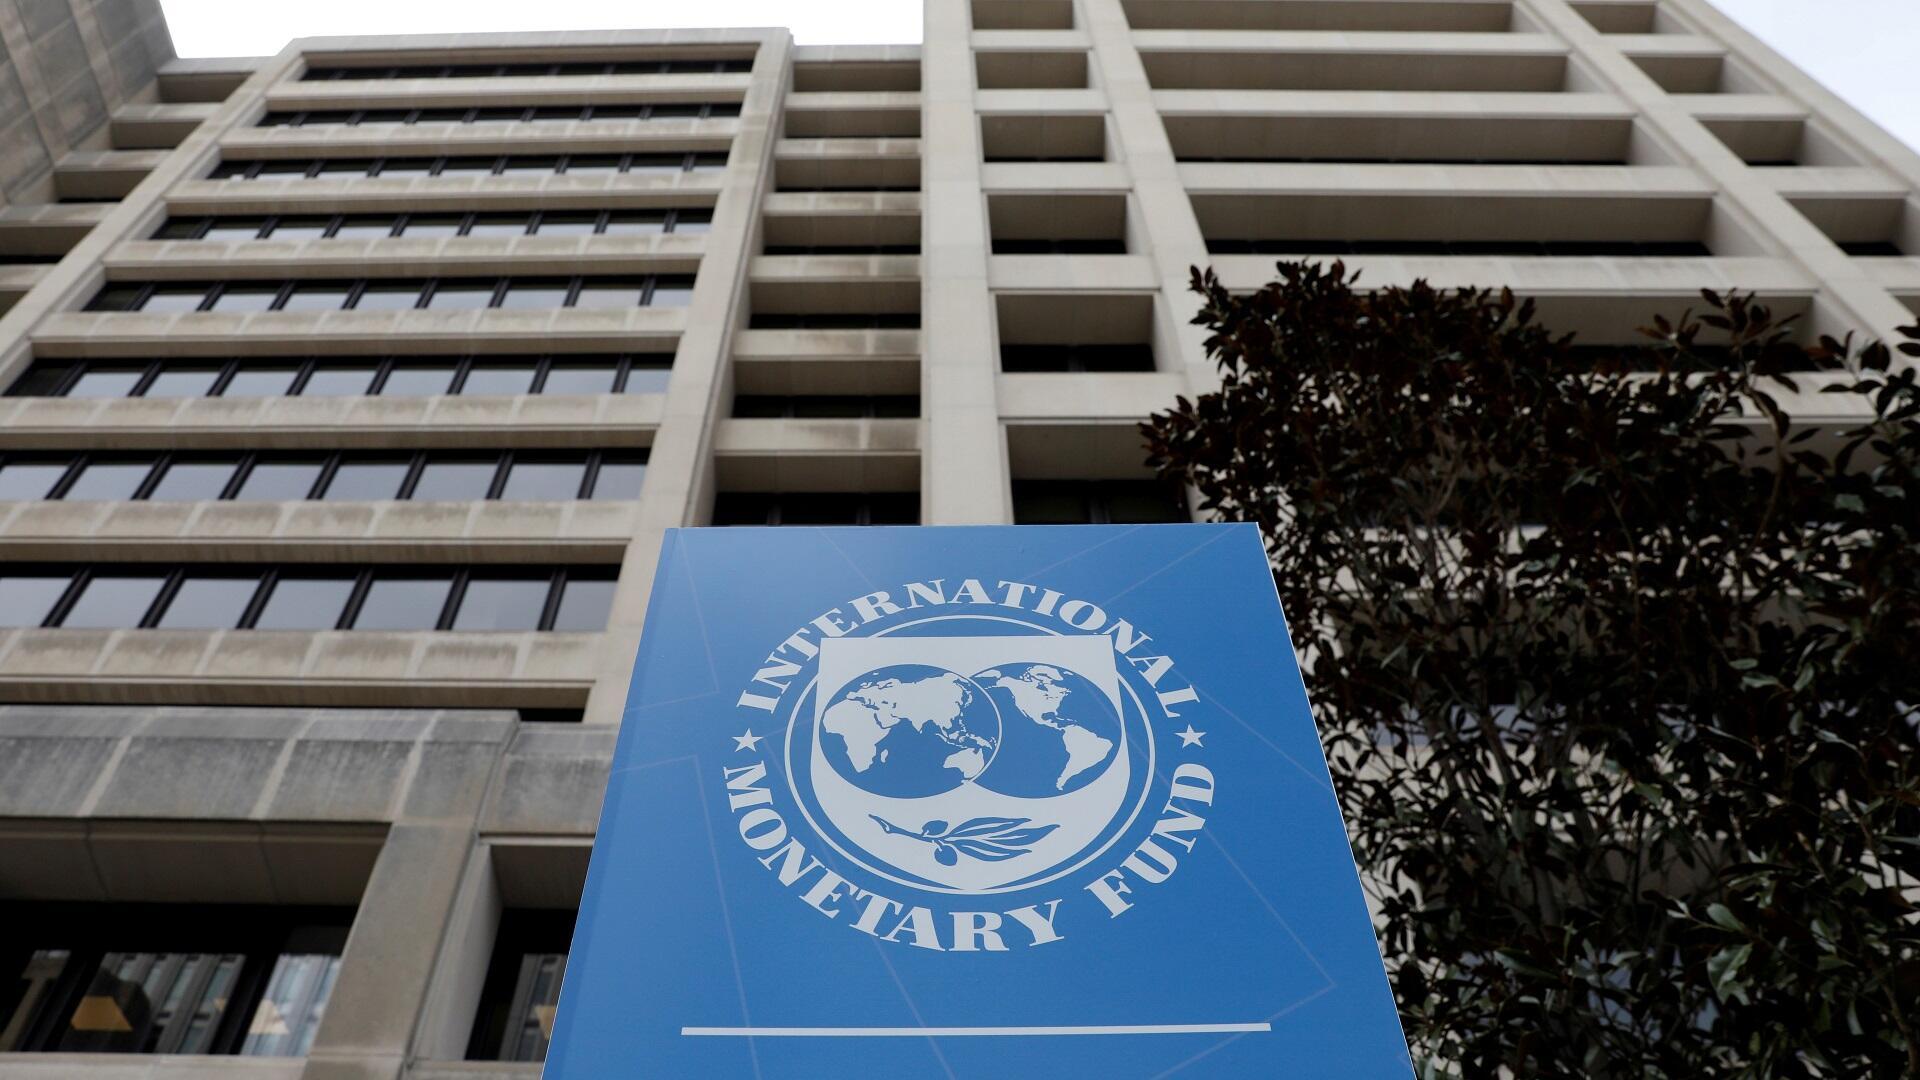 مقر صندوق النقد الدولي بالعاصمة الأمريكية واشنطن.